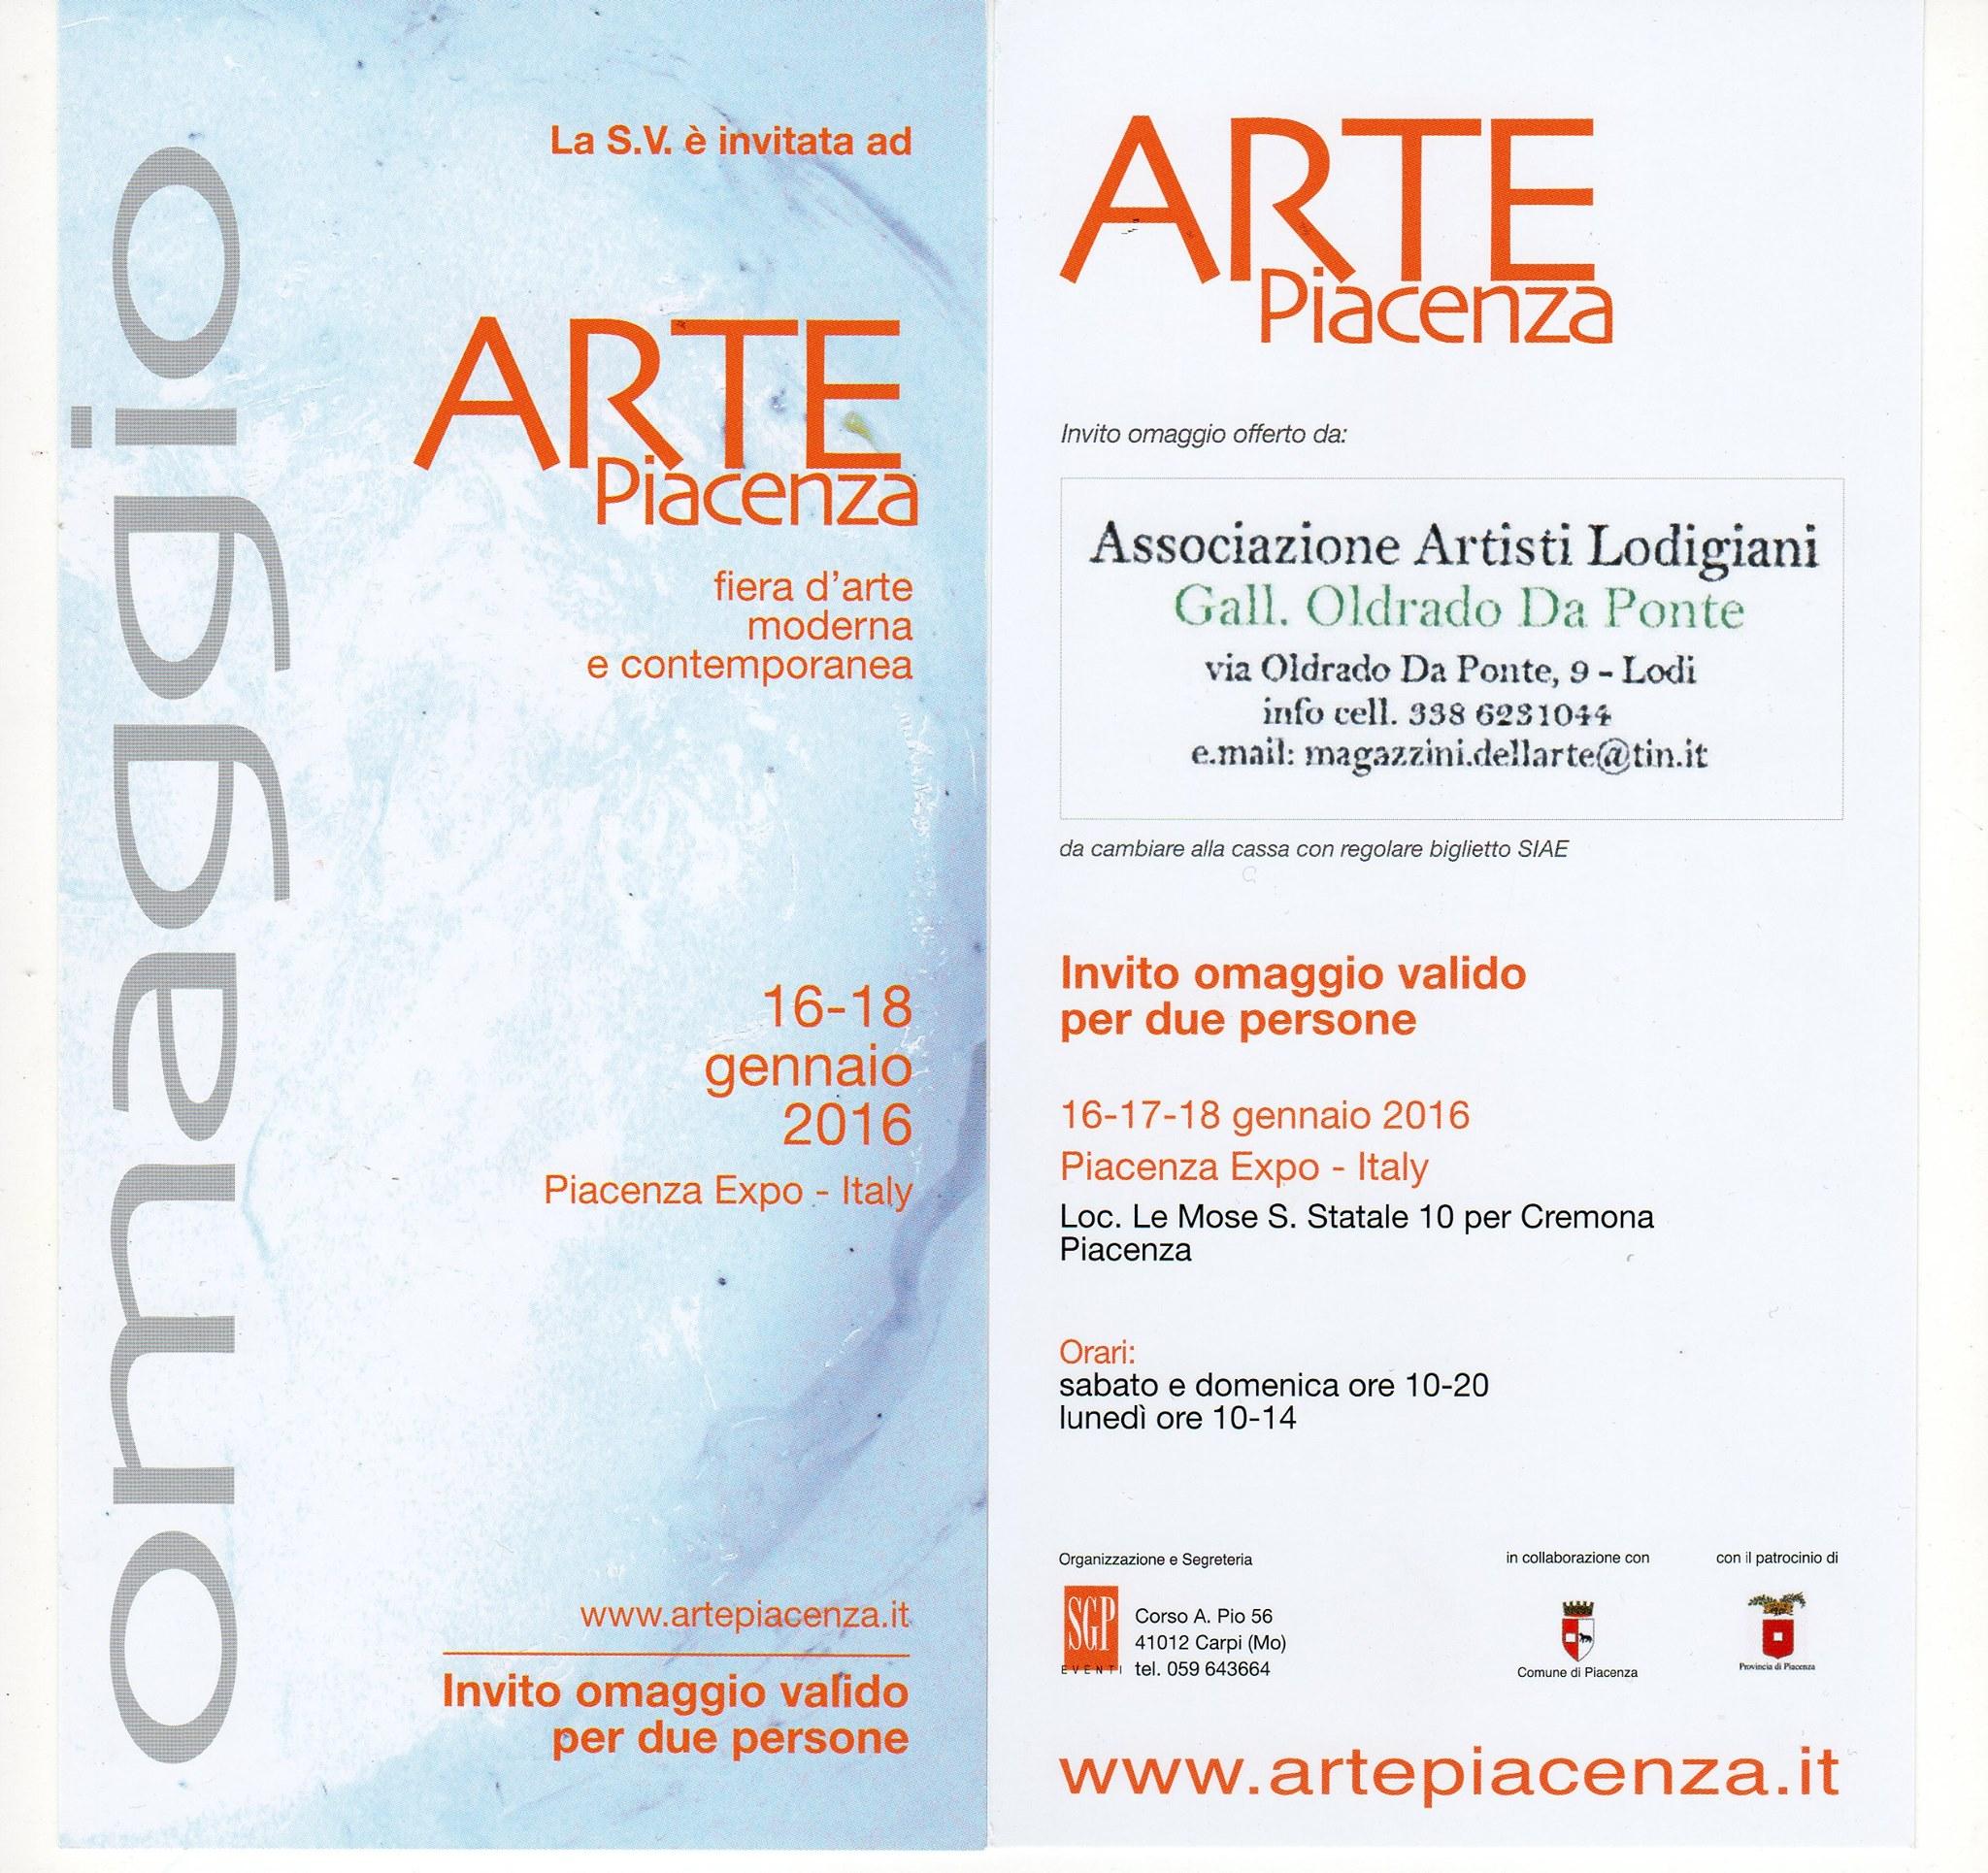 ARTE PIACENZA 2016